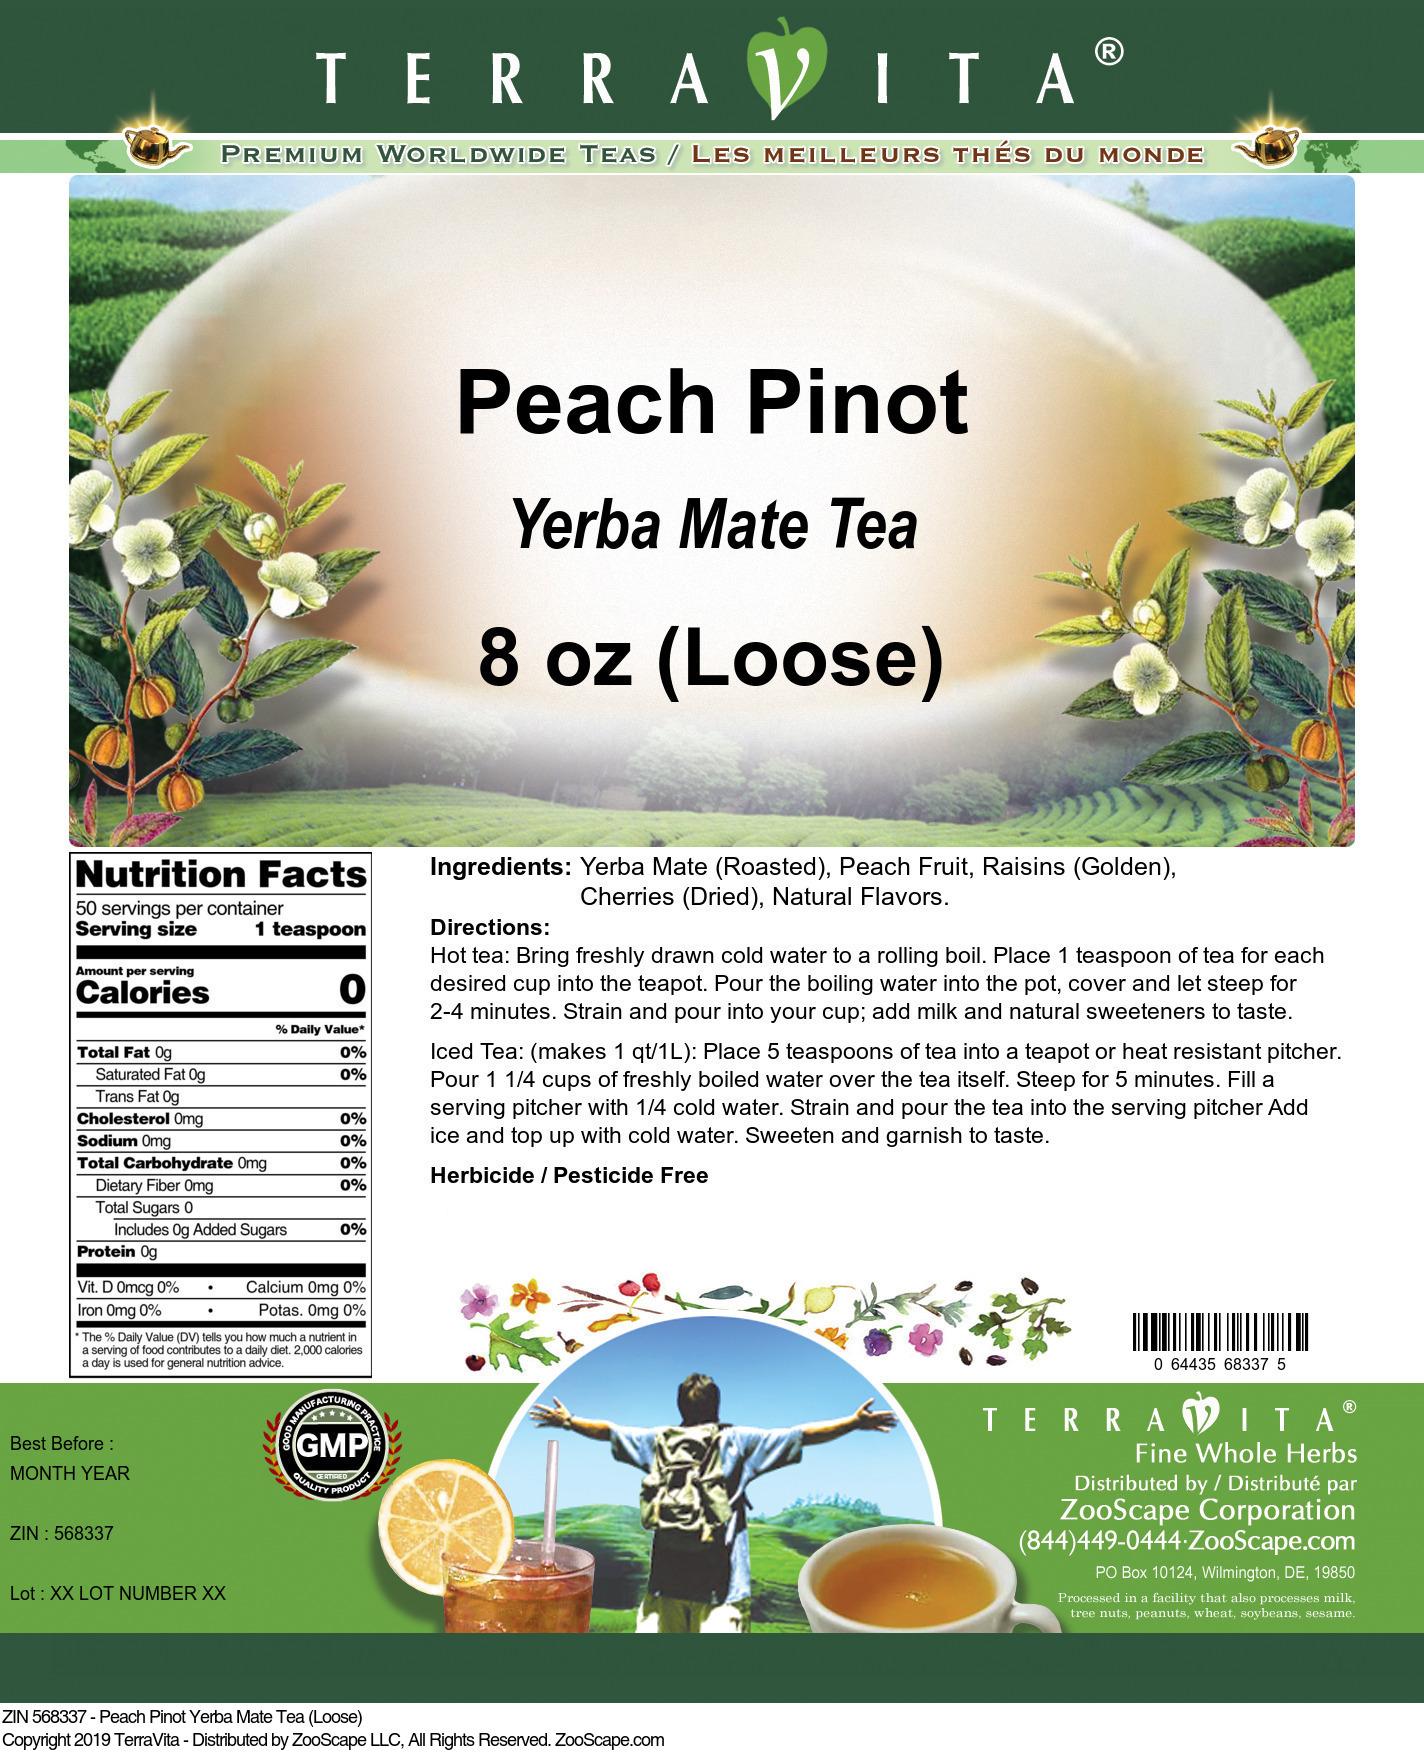 Peach Pinot Yerba Mate Tea (Loose)